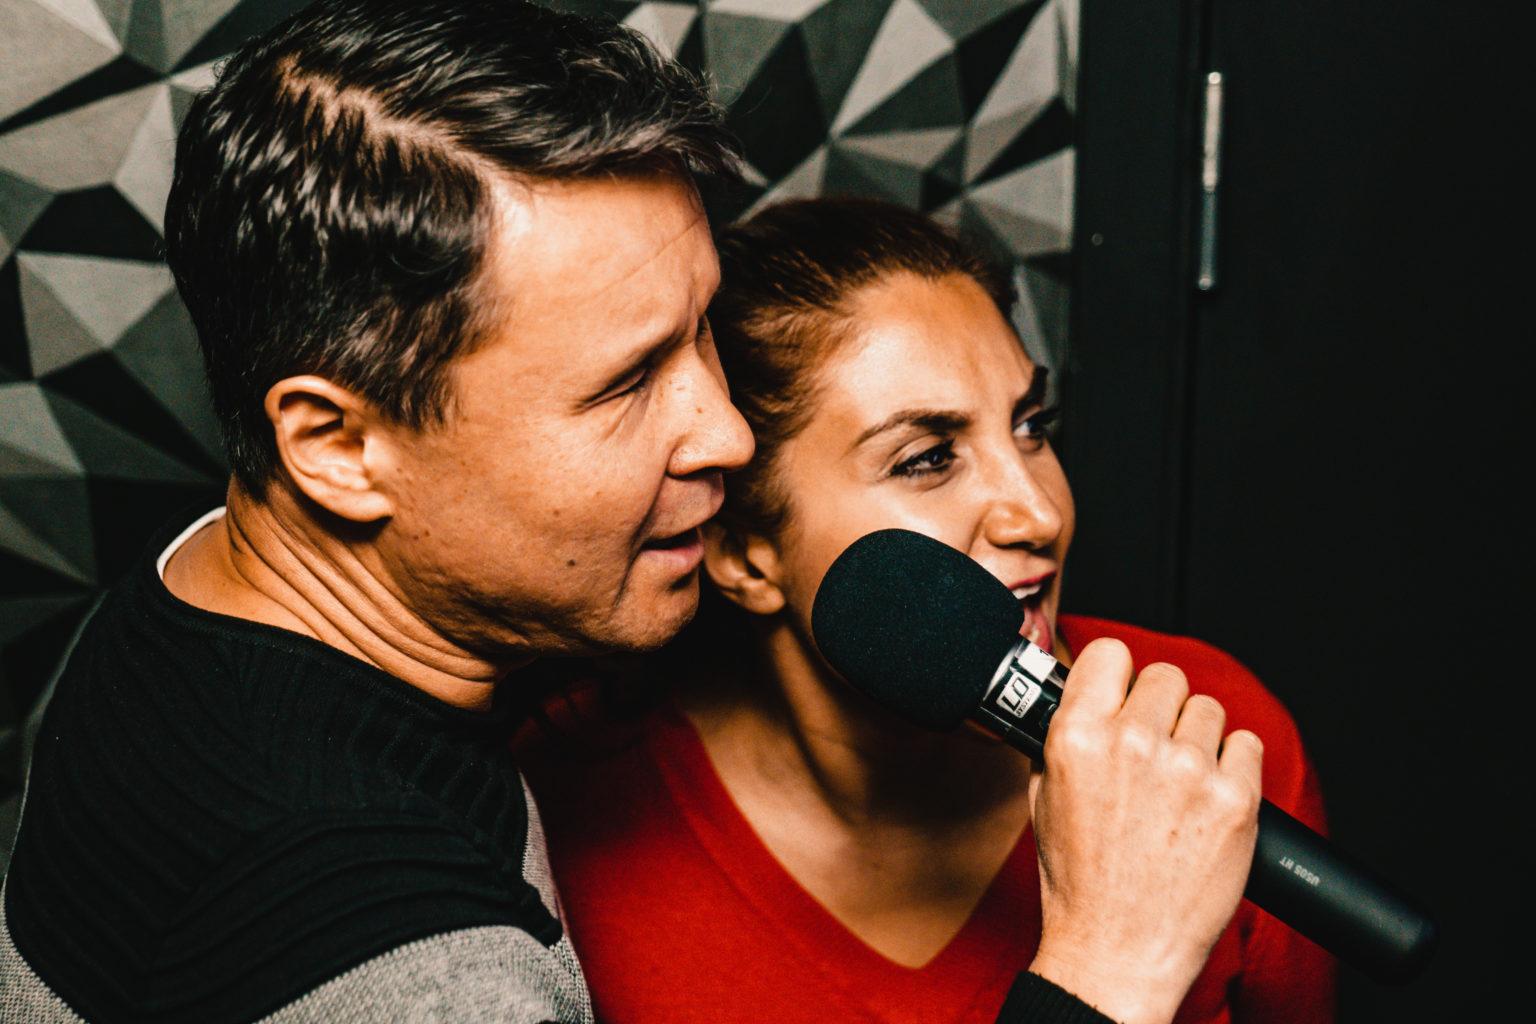 Two people singing at K Karaoke